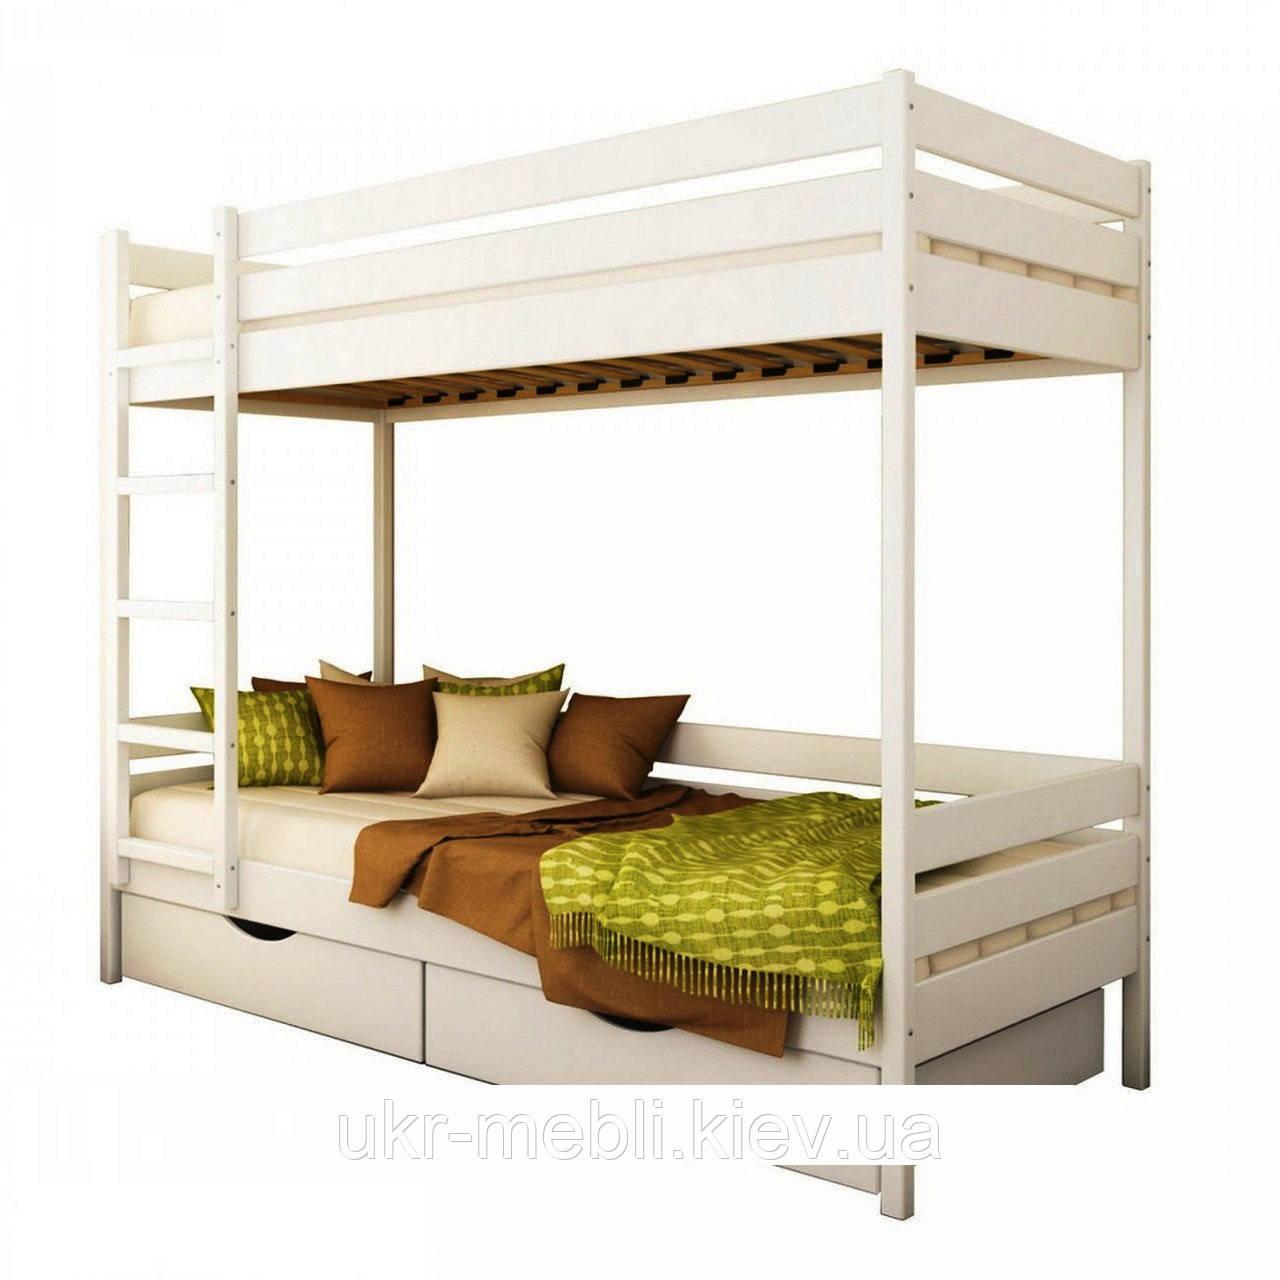 Детская двухъярусная кровать Милан из массива дерева